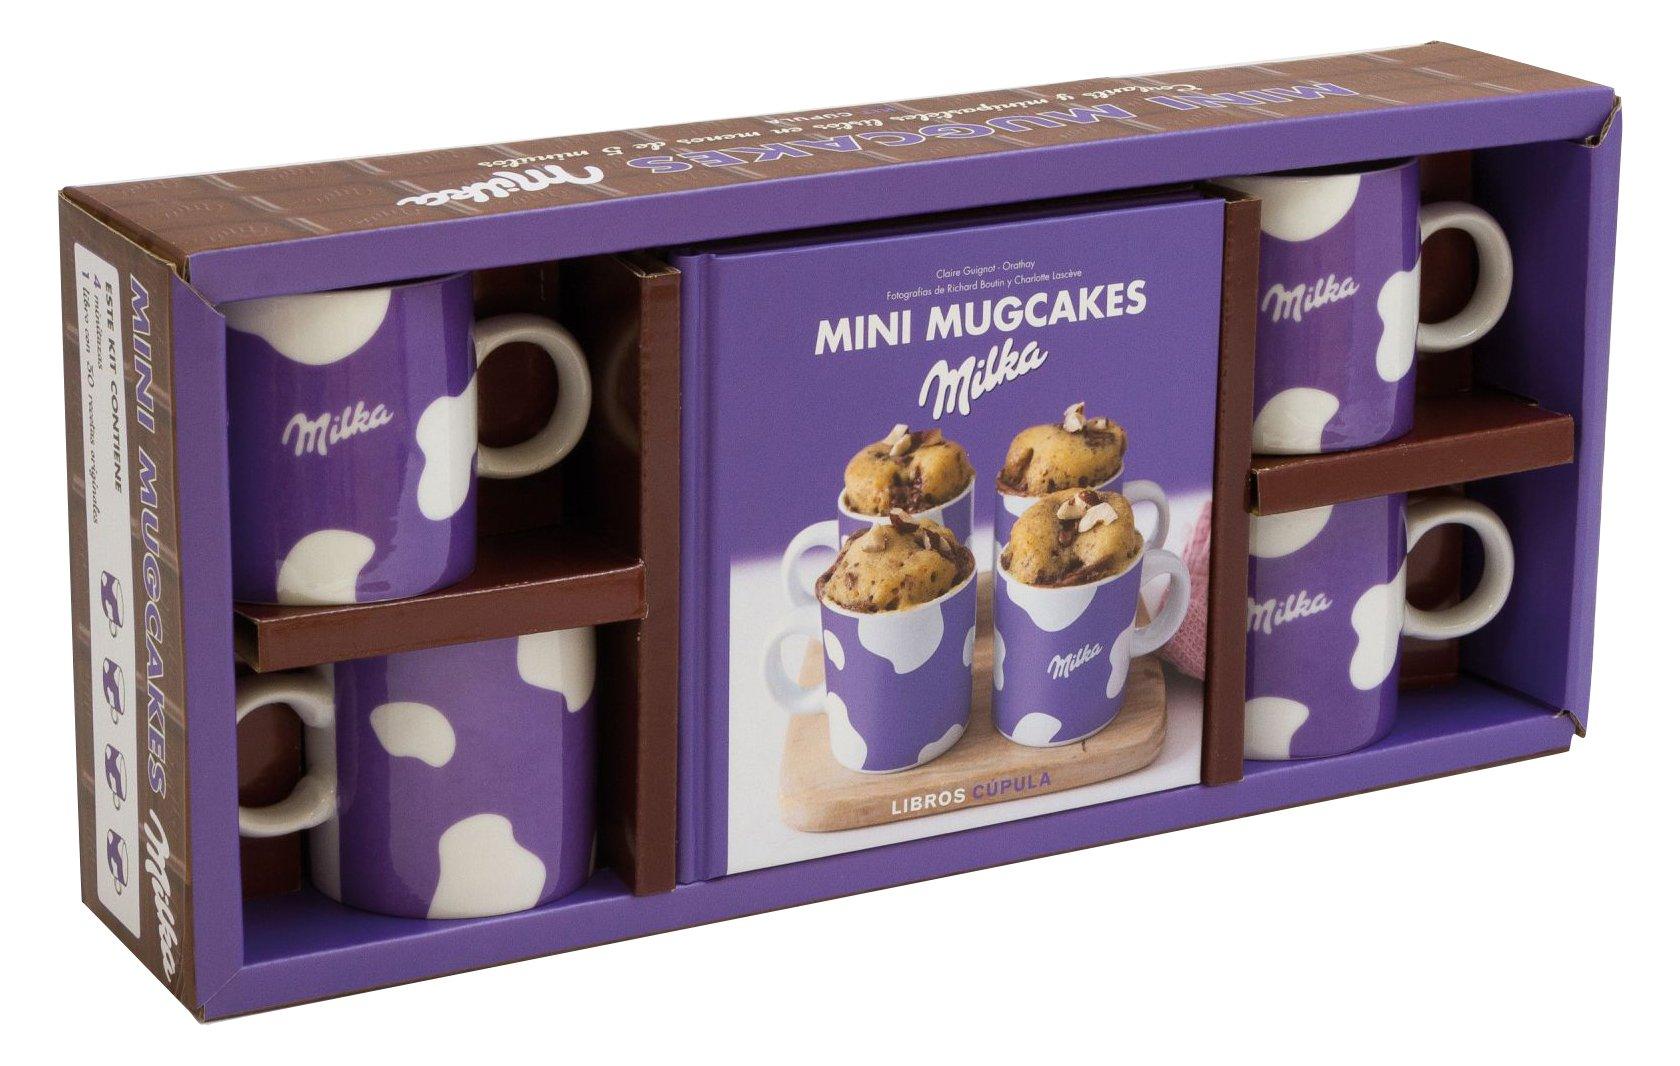 Kit Mini mugcakes Milka®: Claire Guignot: 9788448021160 ...